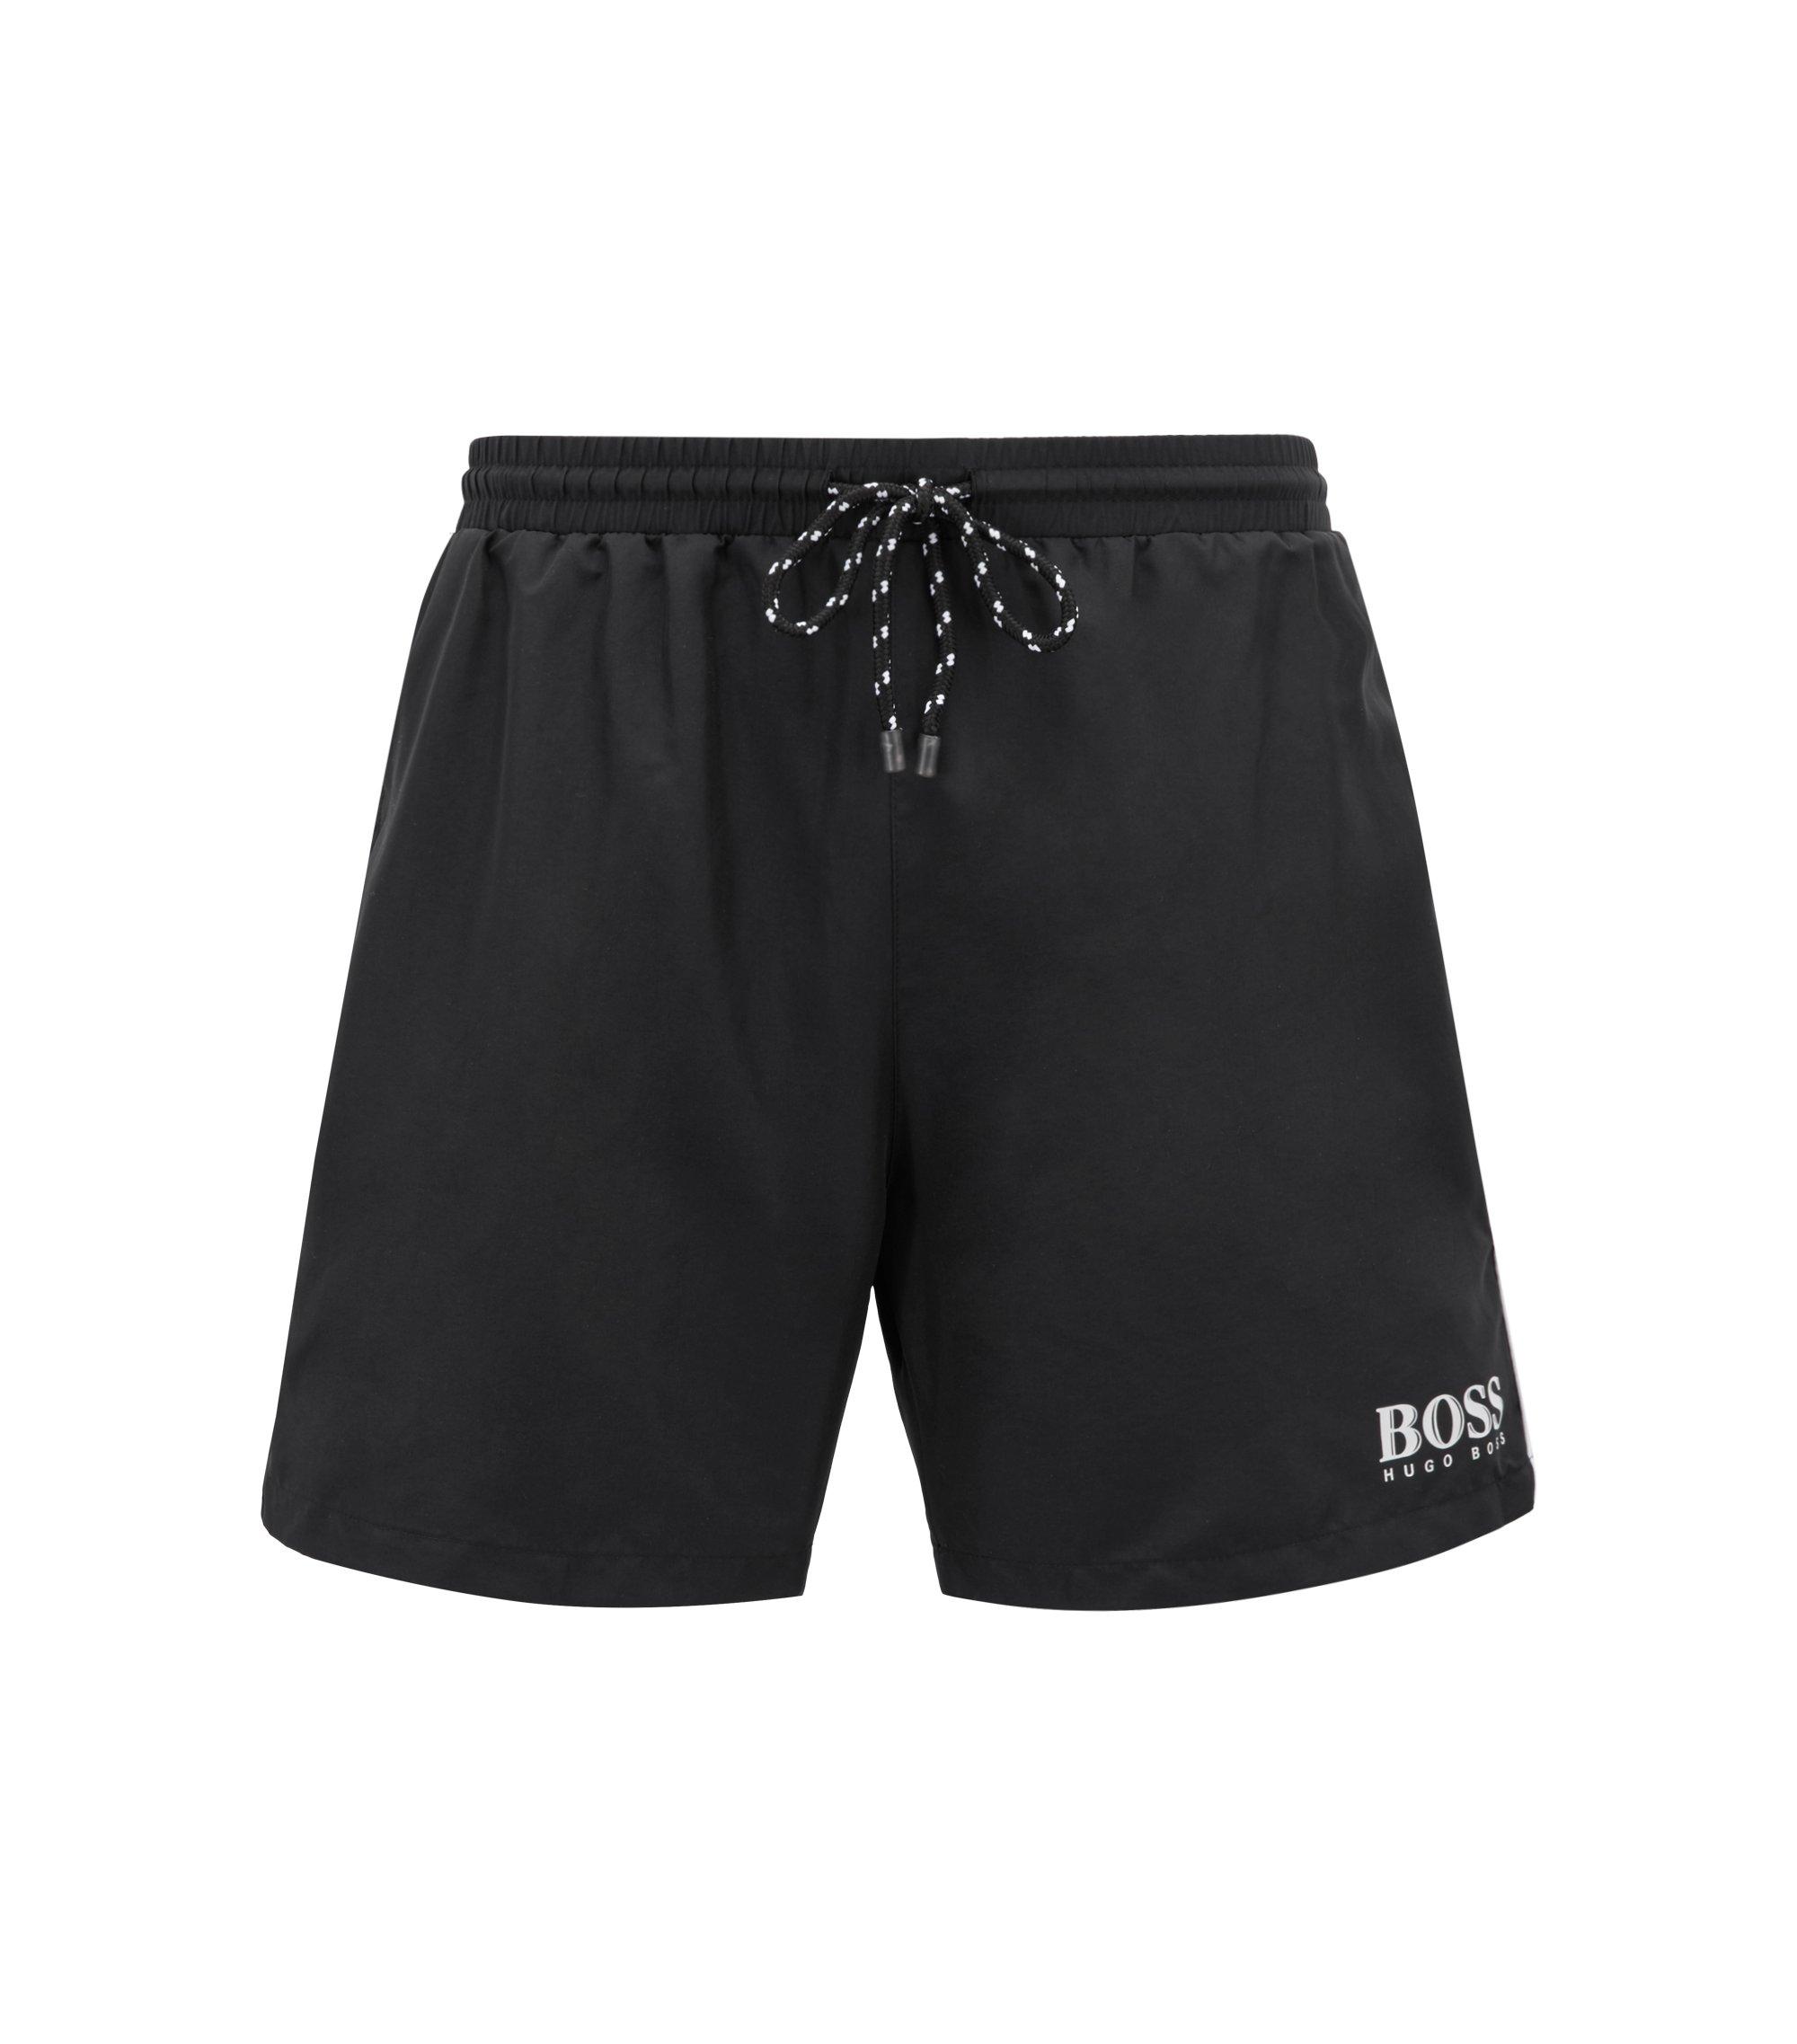 Drawstring swim shorts with logo detail, Black